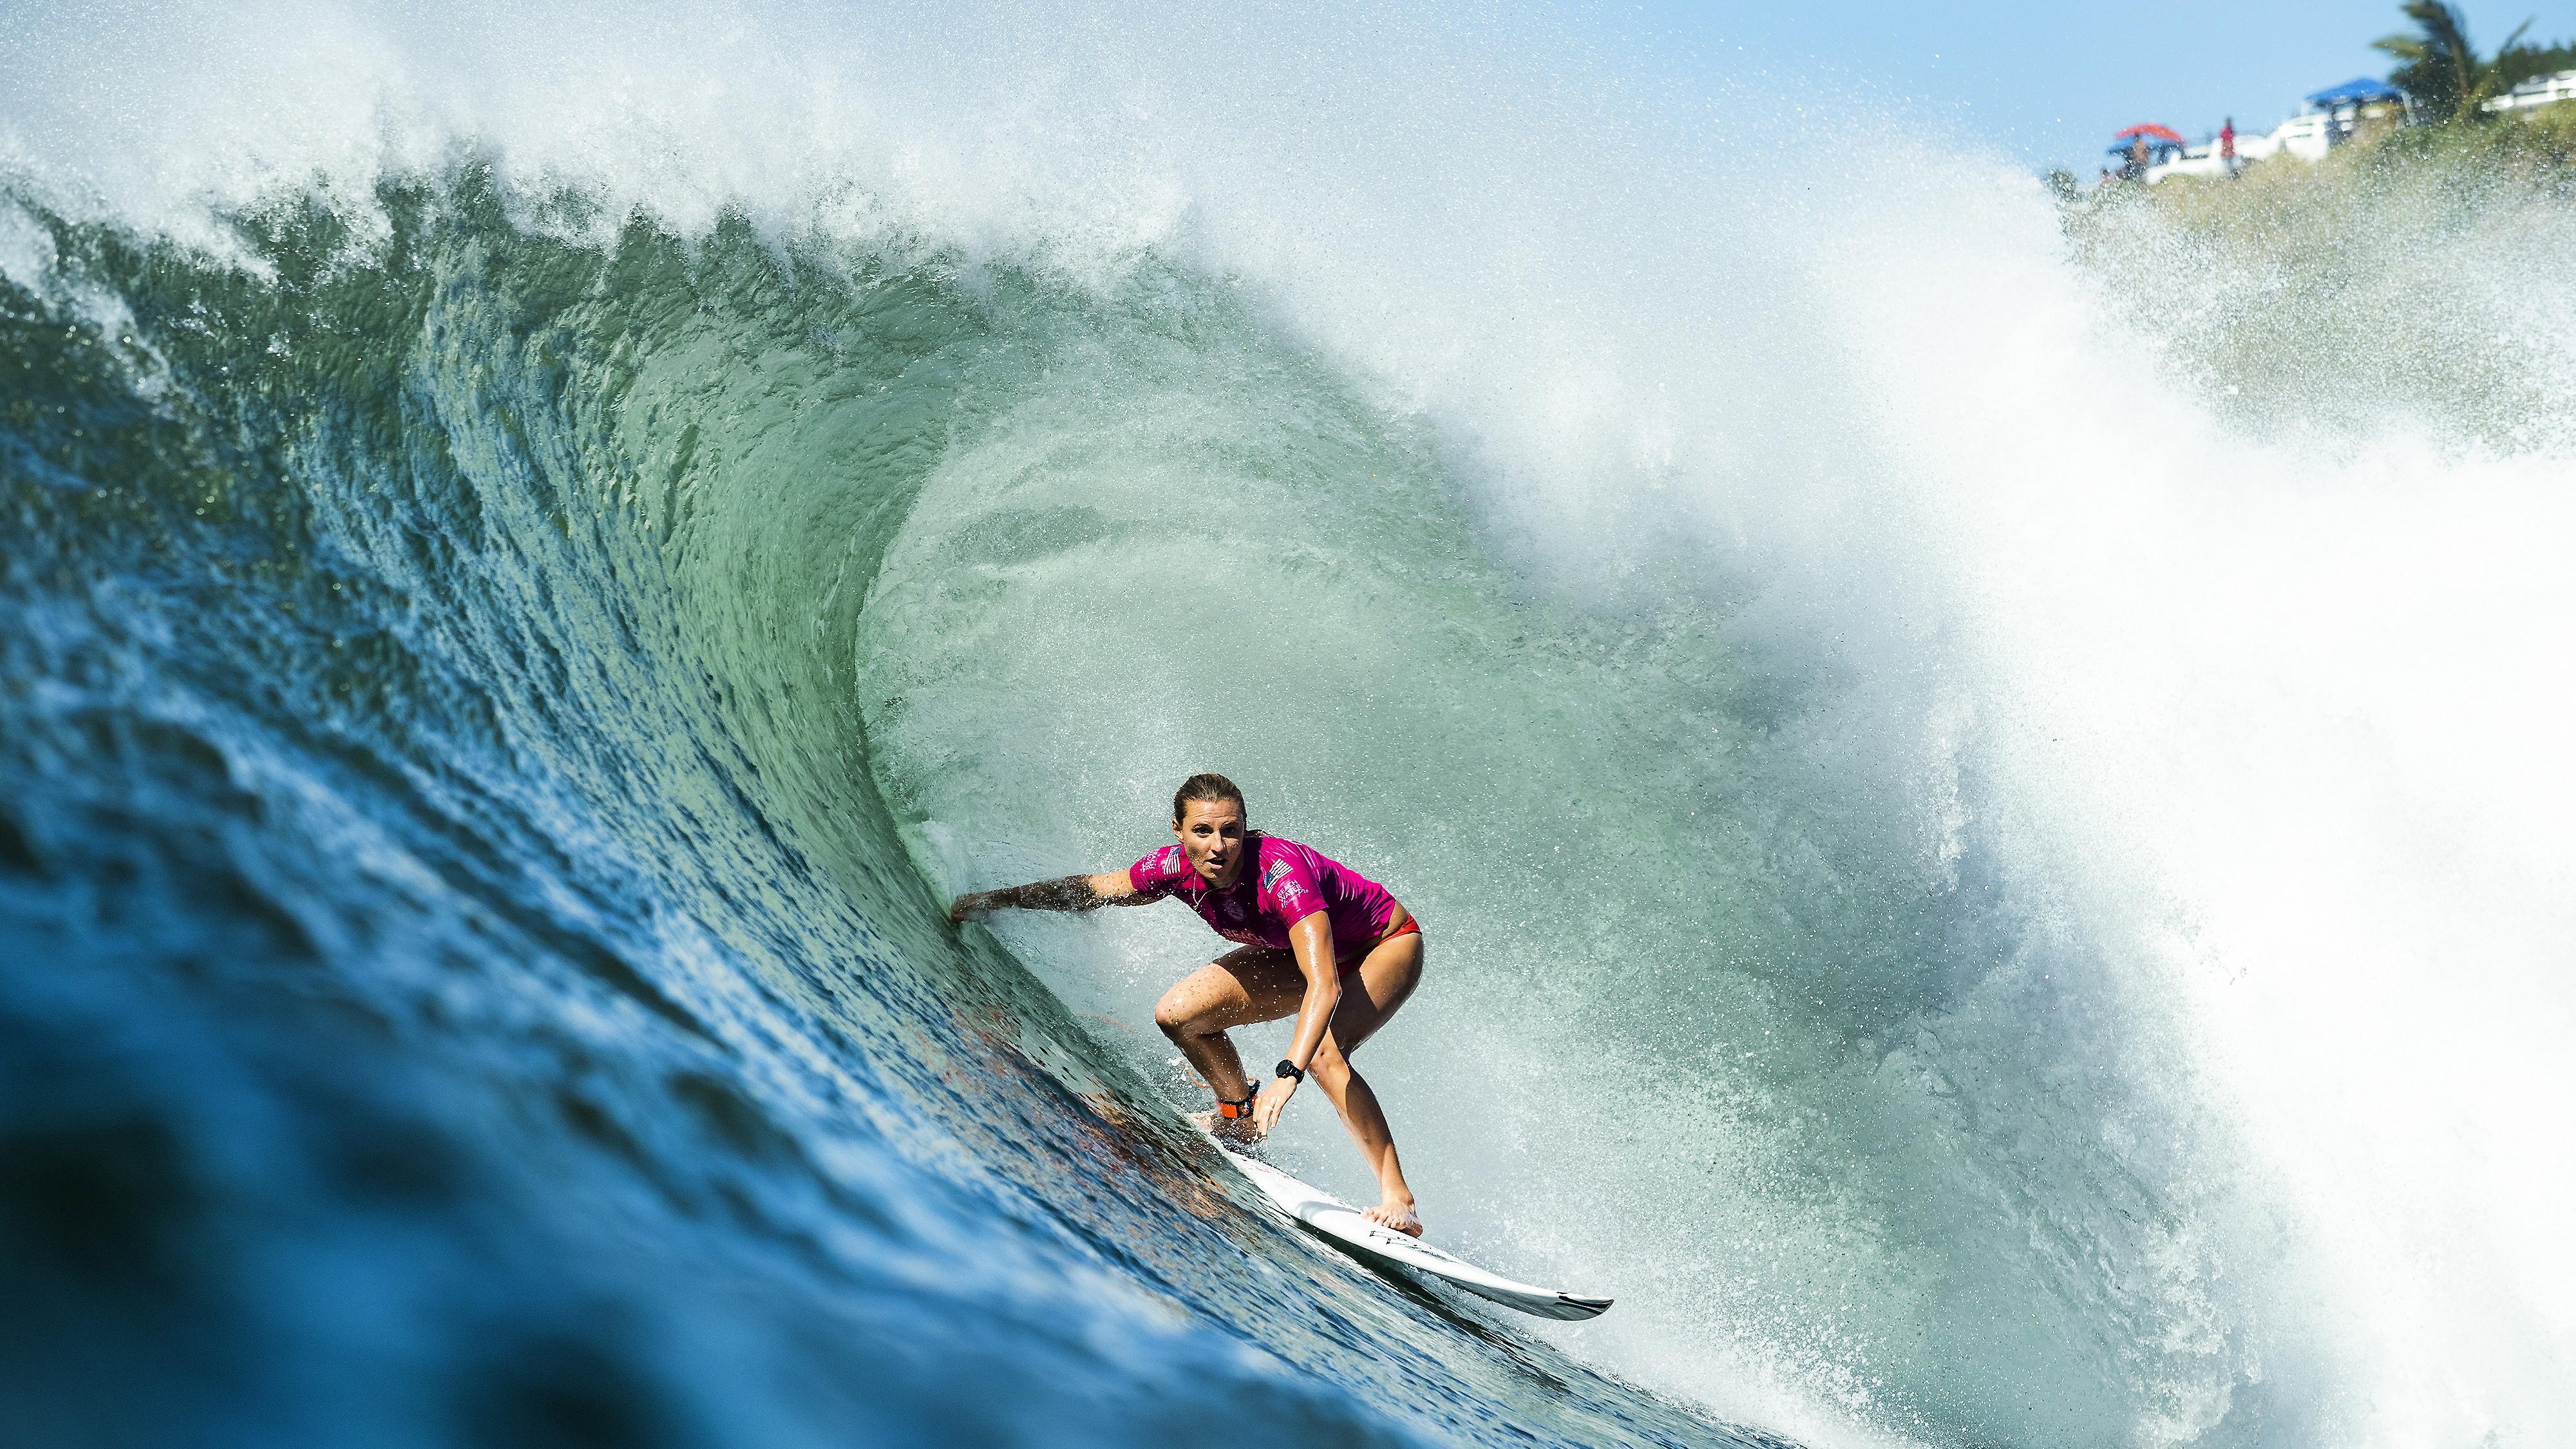 Турнира Beachwaver Maui Pro 2018, част от Световната Сърф Лига в Хаулуа Бей, Хаваи, САЩ.